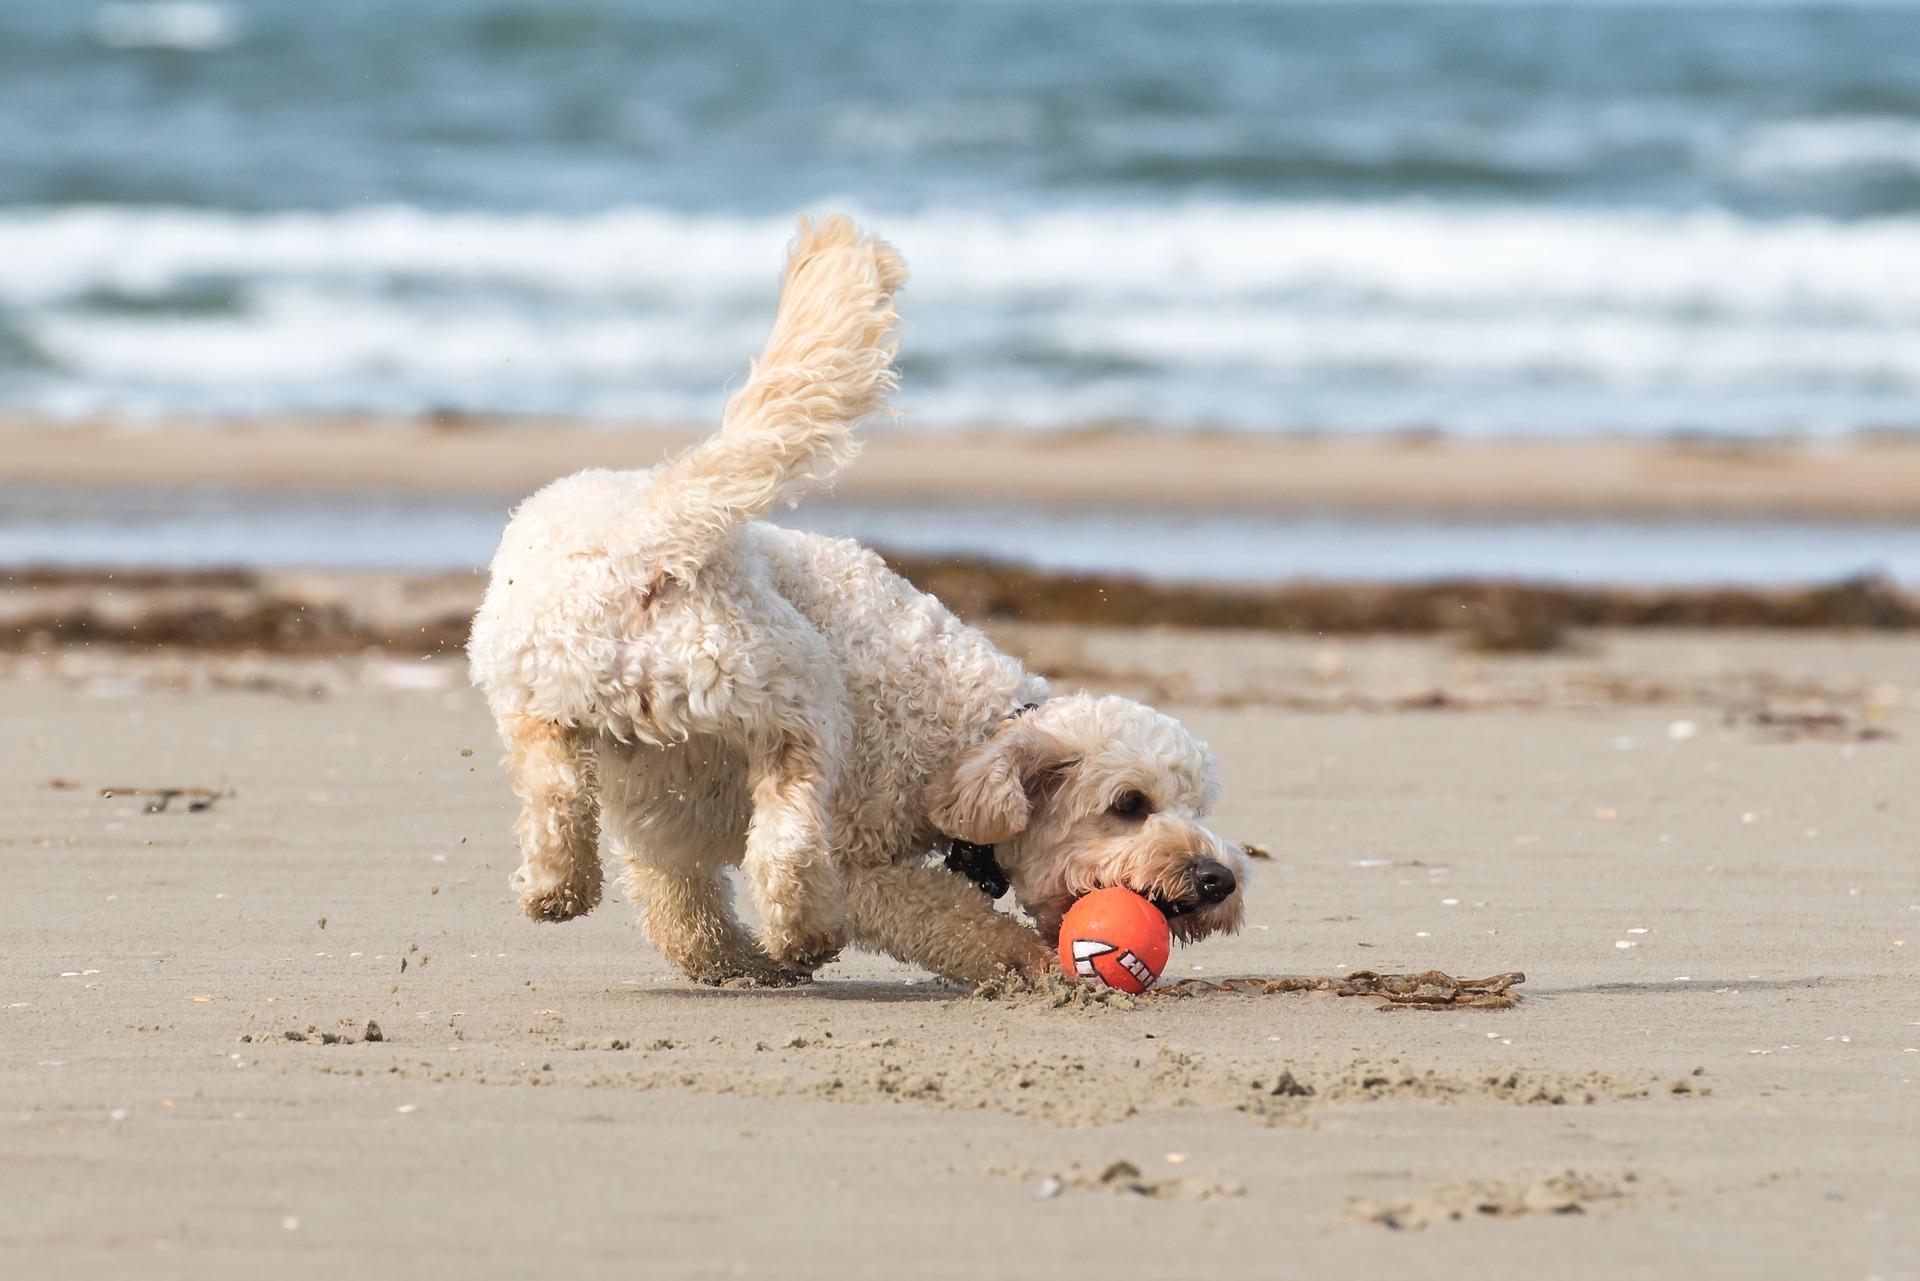 heller mittelgroßer wuscheliger Hund spielt mit Ball am Strand mit Wellen im Hintergrund